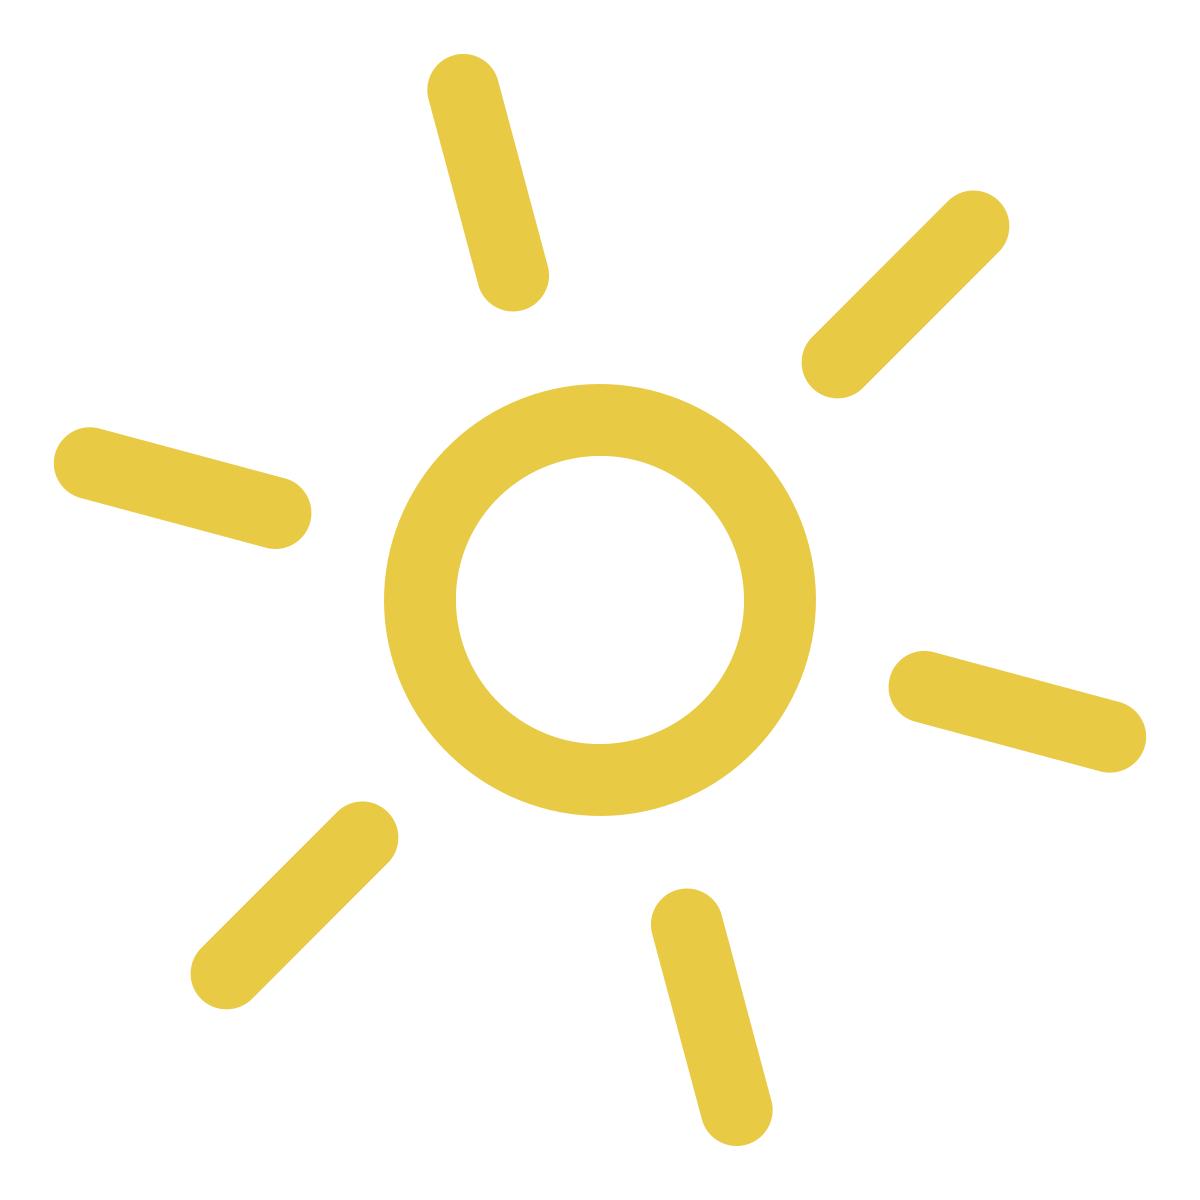 Preventing cancer nova scotia. Clipart sunshine melanoma